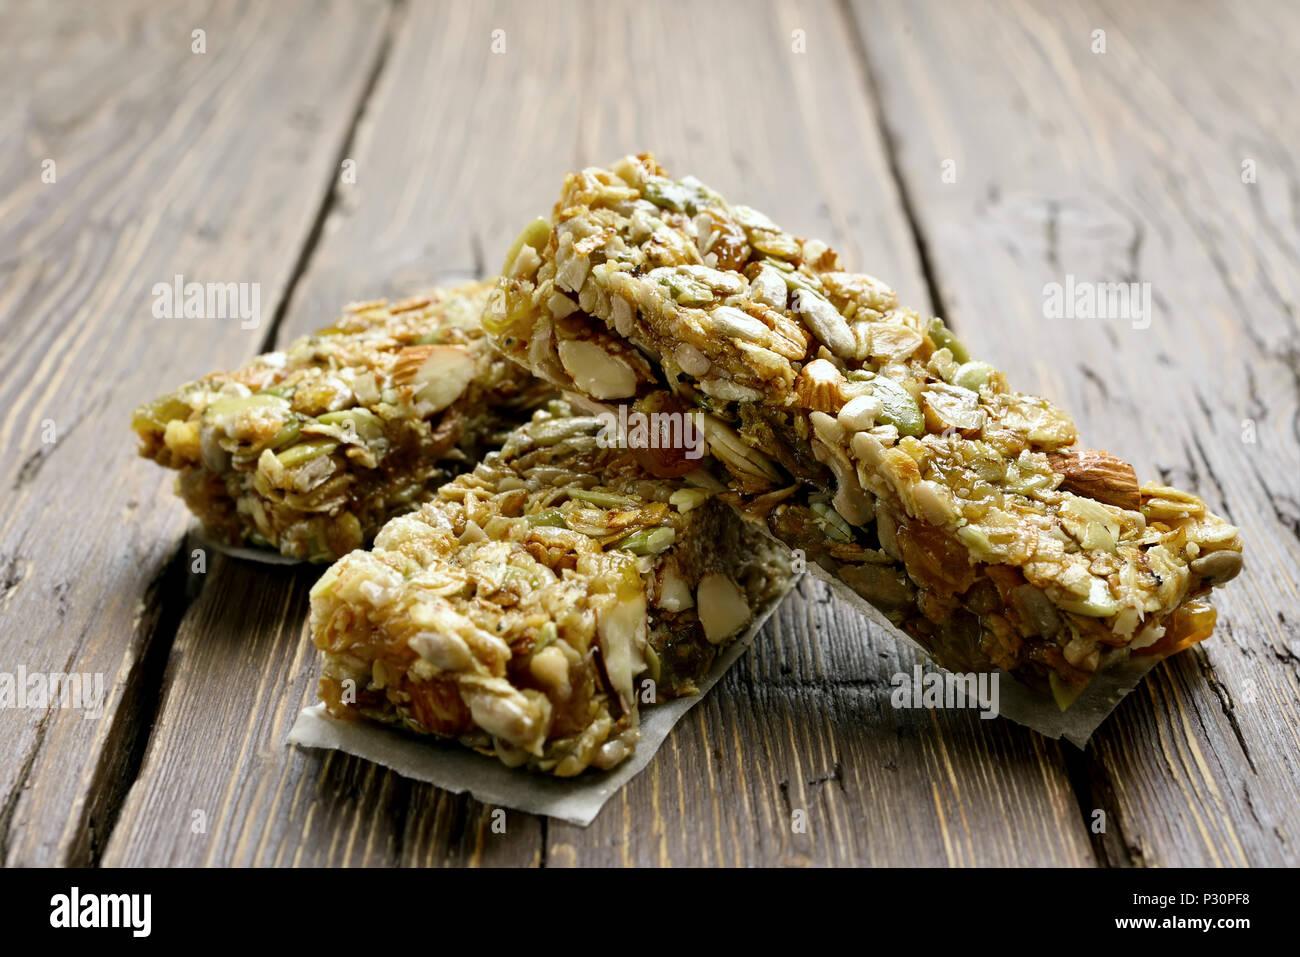 L'énergie saine collation barres granola sur fond de bois. Vue rapprochée Photo Stock